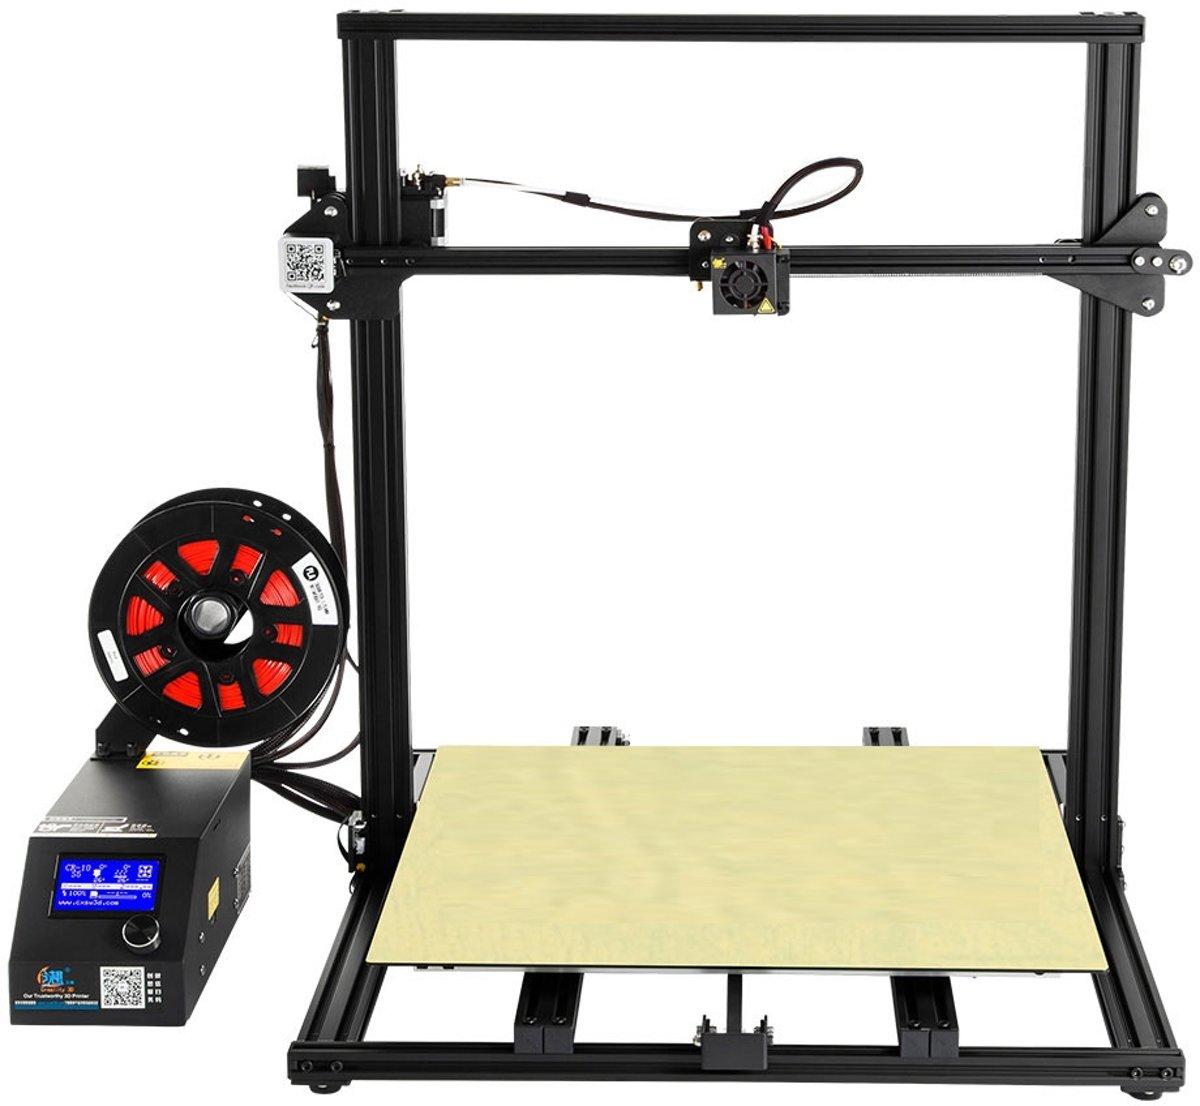 Creality CR-10 5S grootste 3D printer 500x500x500 mm kopen